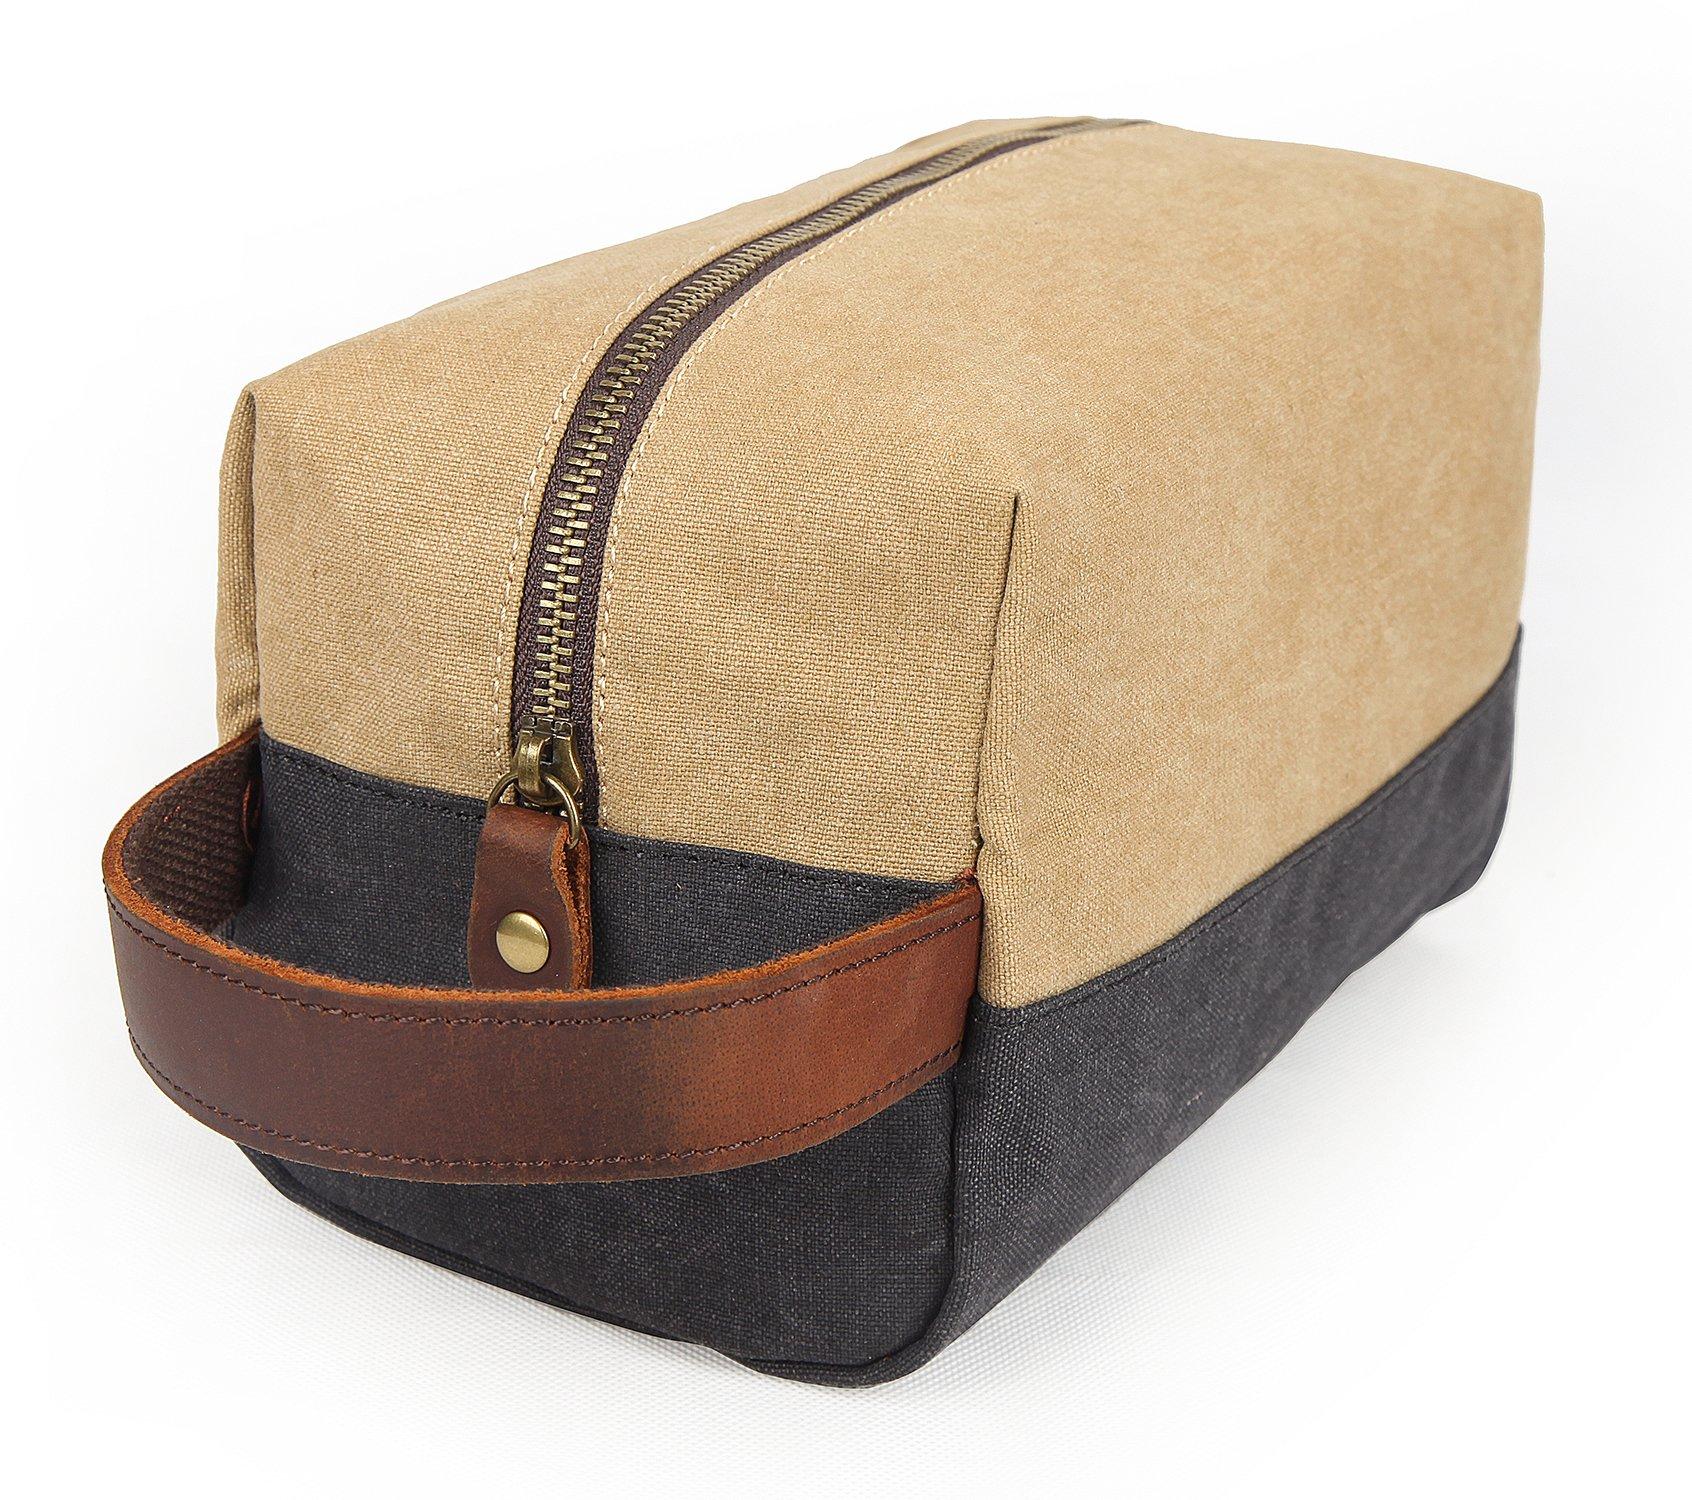 EverVanz-bergroer-Reise-Duffel-Segeltuch-Lederbesatz-Tragetasche-Schultertasche-Handtasche-Wochenend-Tasche